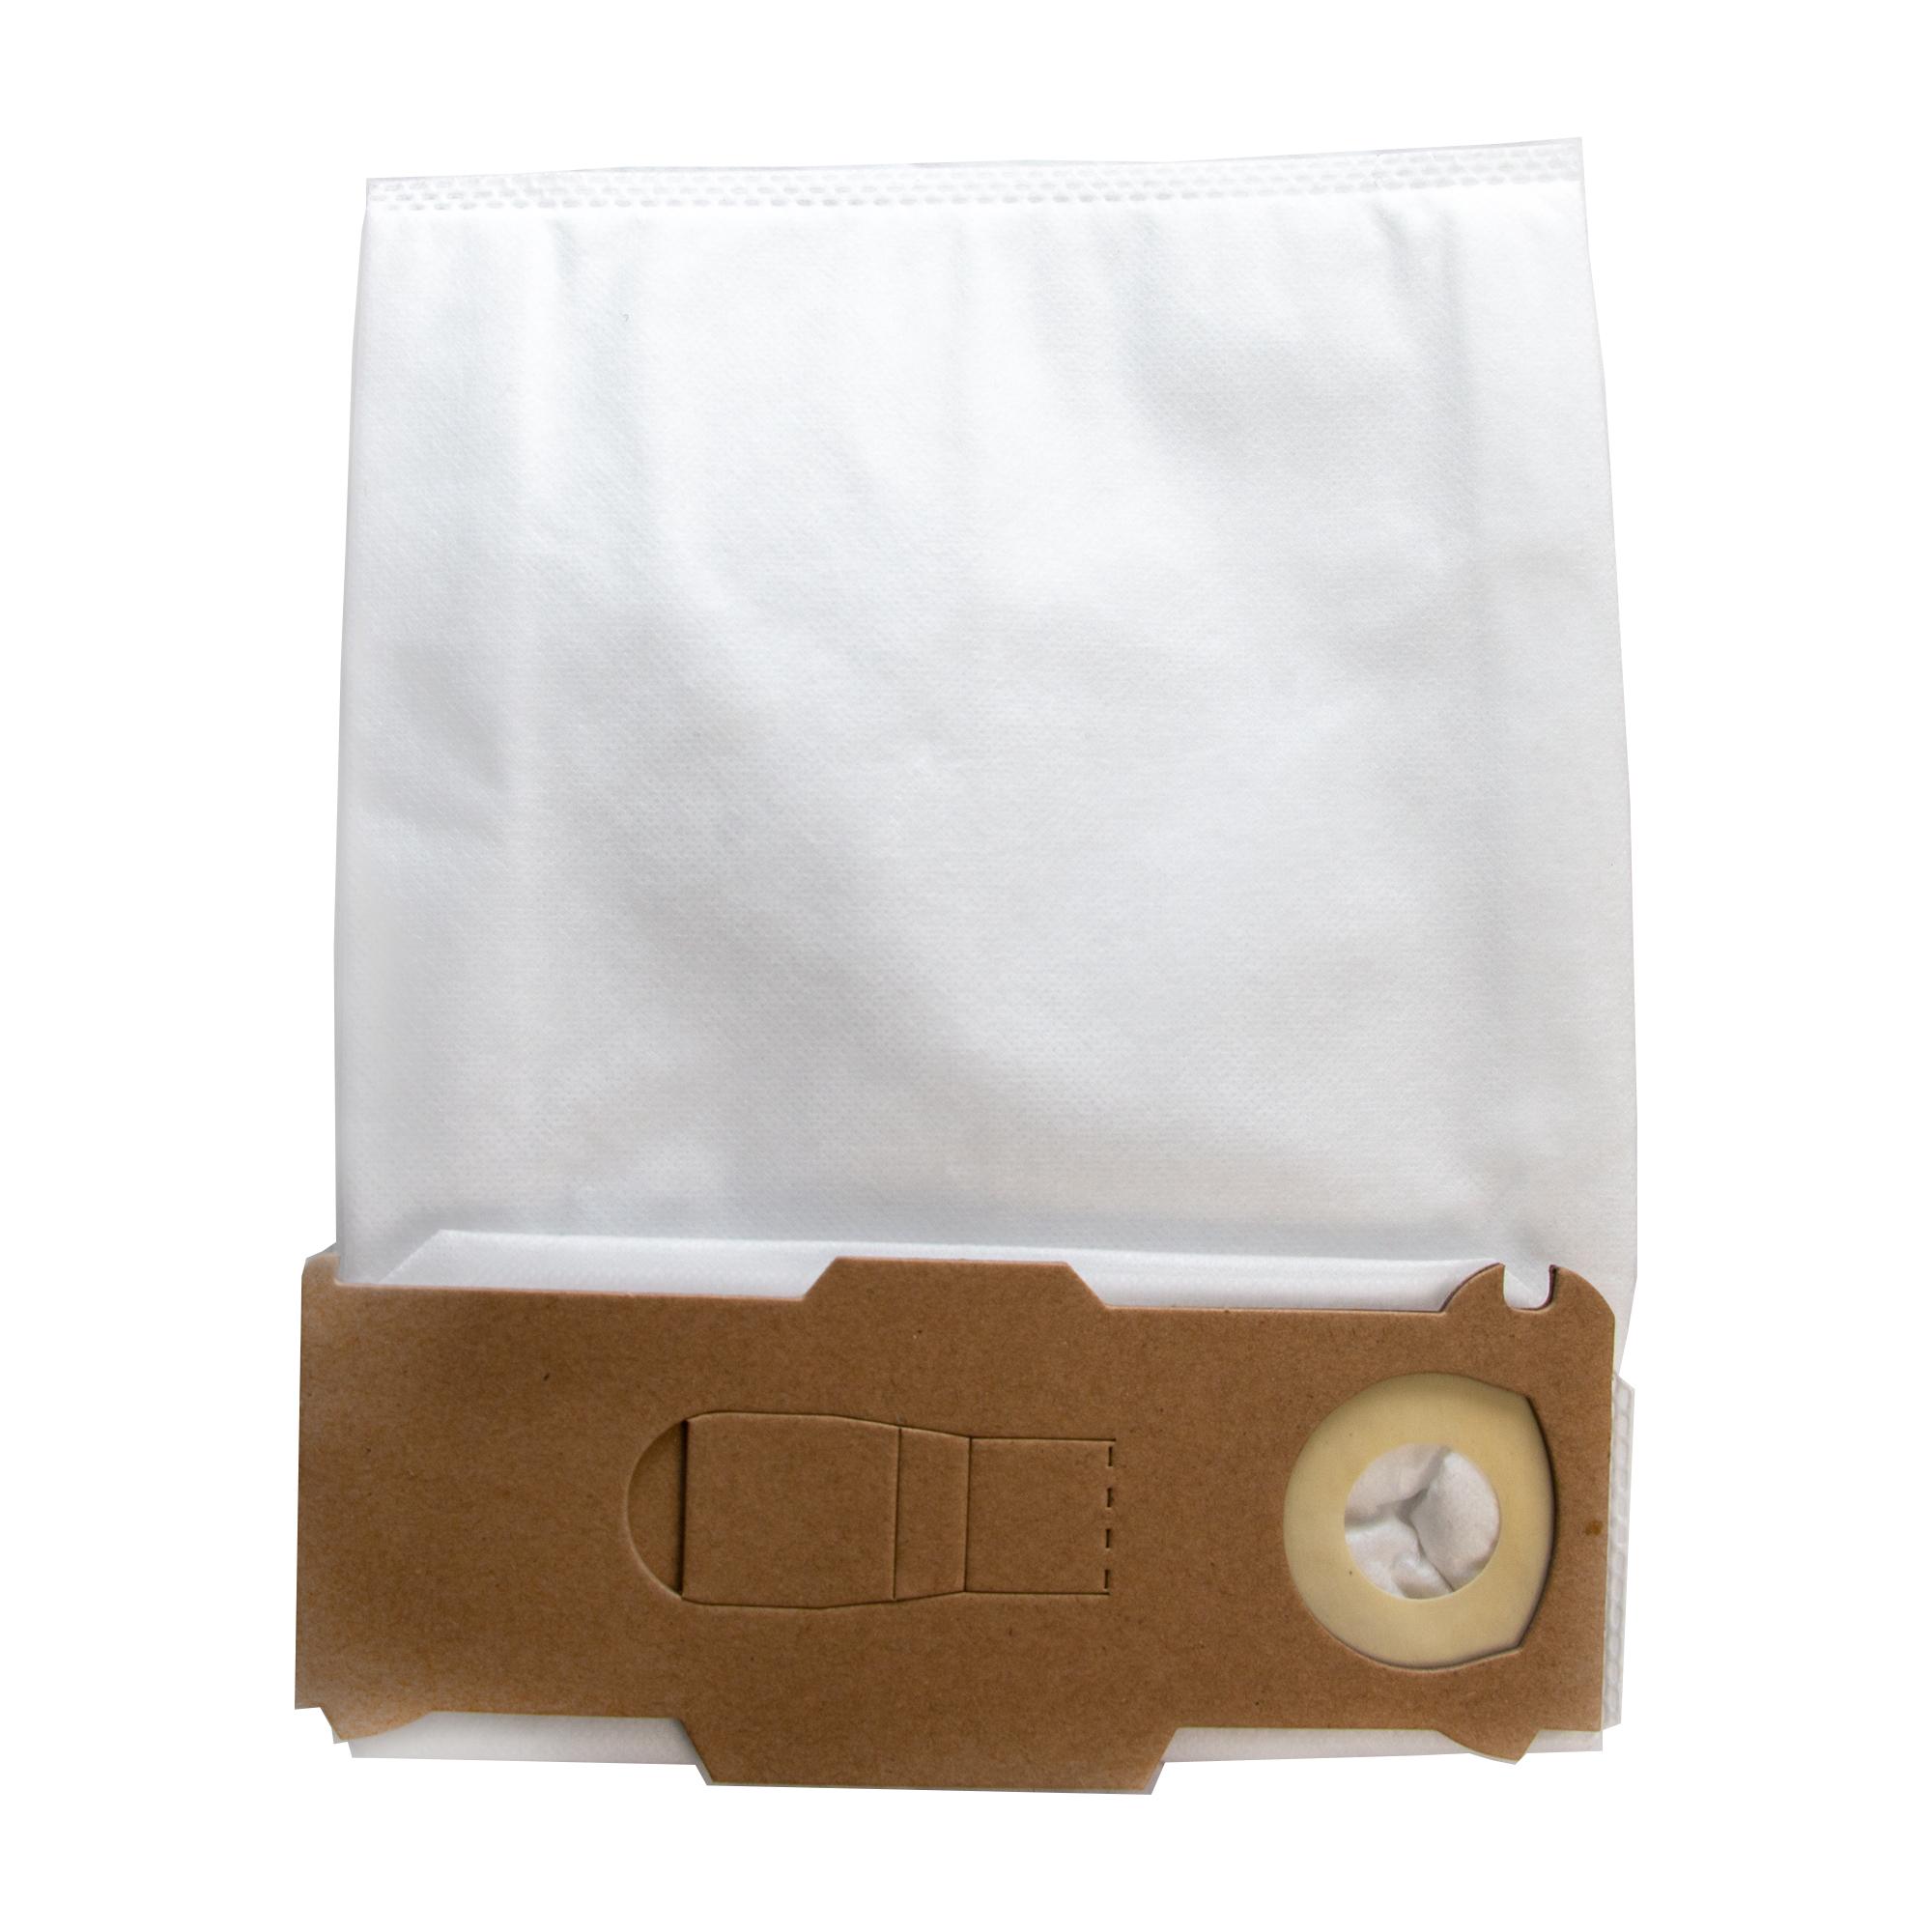 Filter 12 Staubsaugerbeutel Vlies geeignet Vorwerk Kobold 130 131